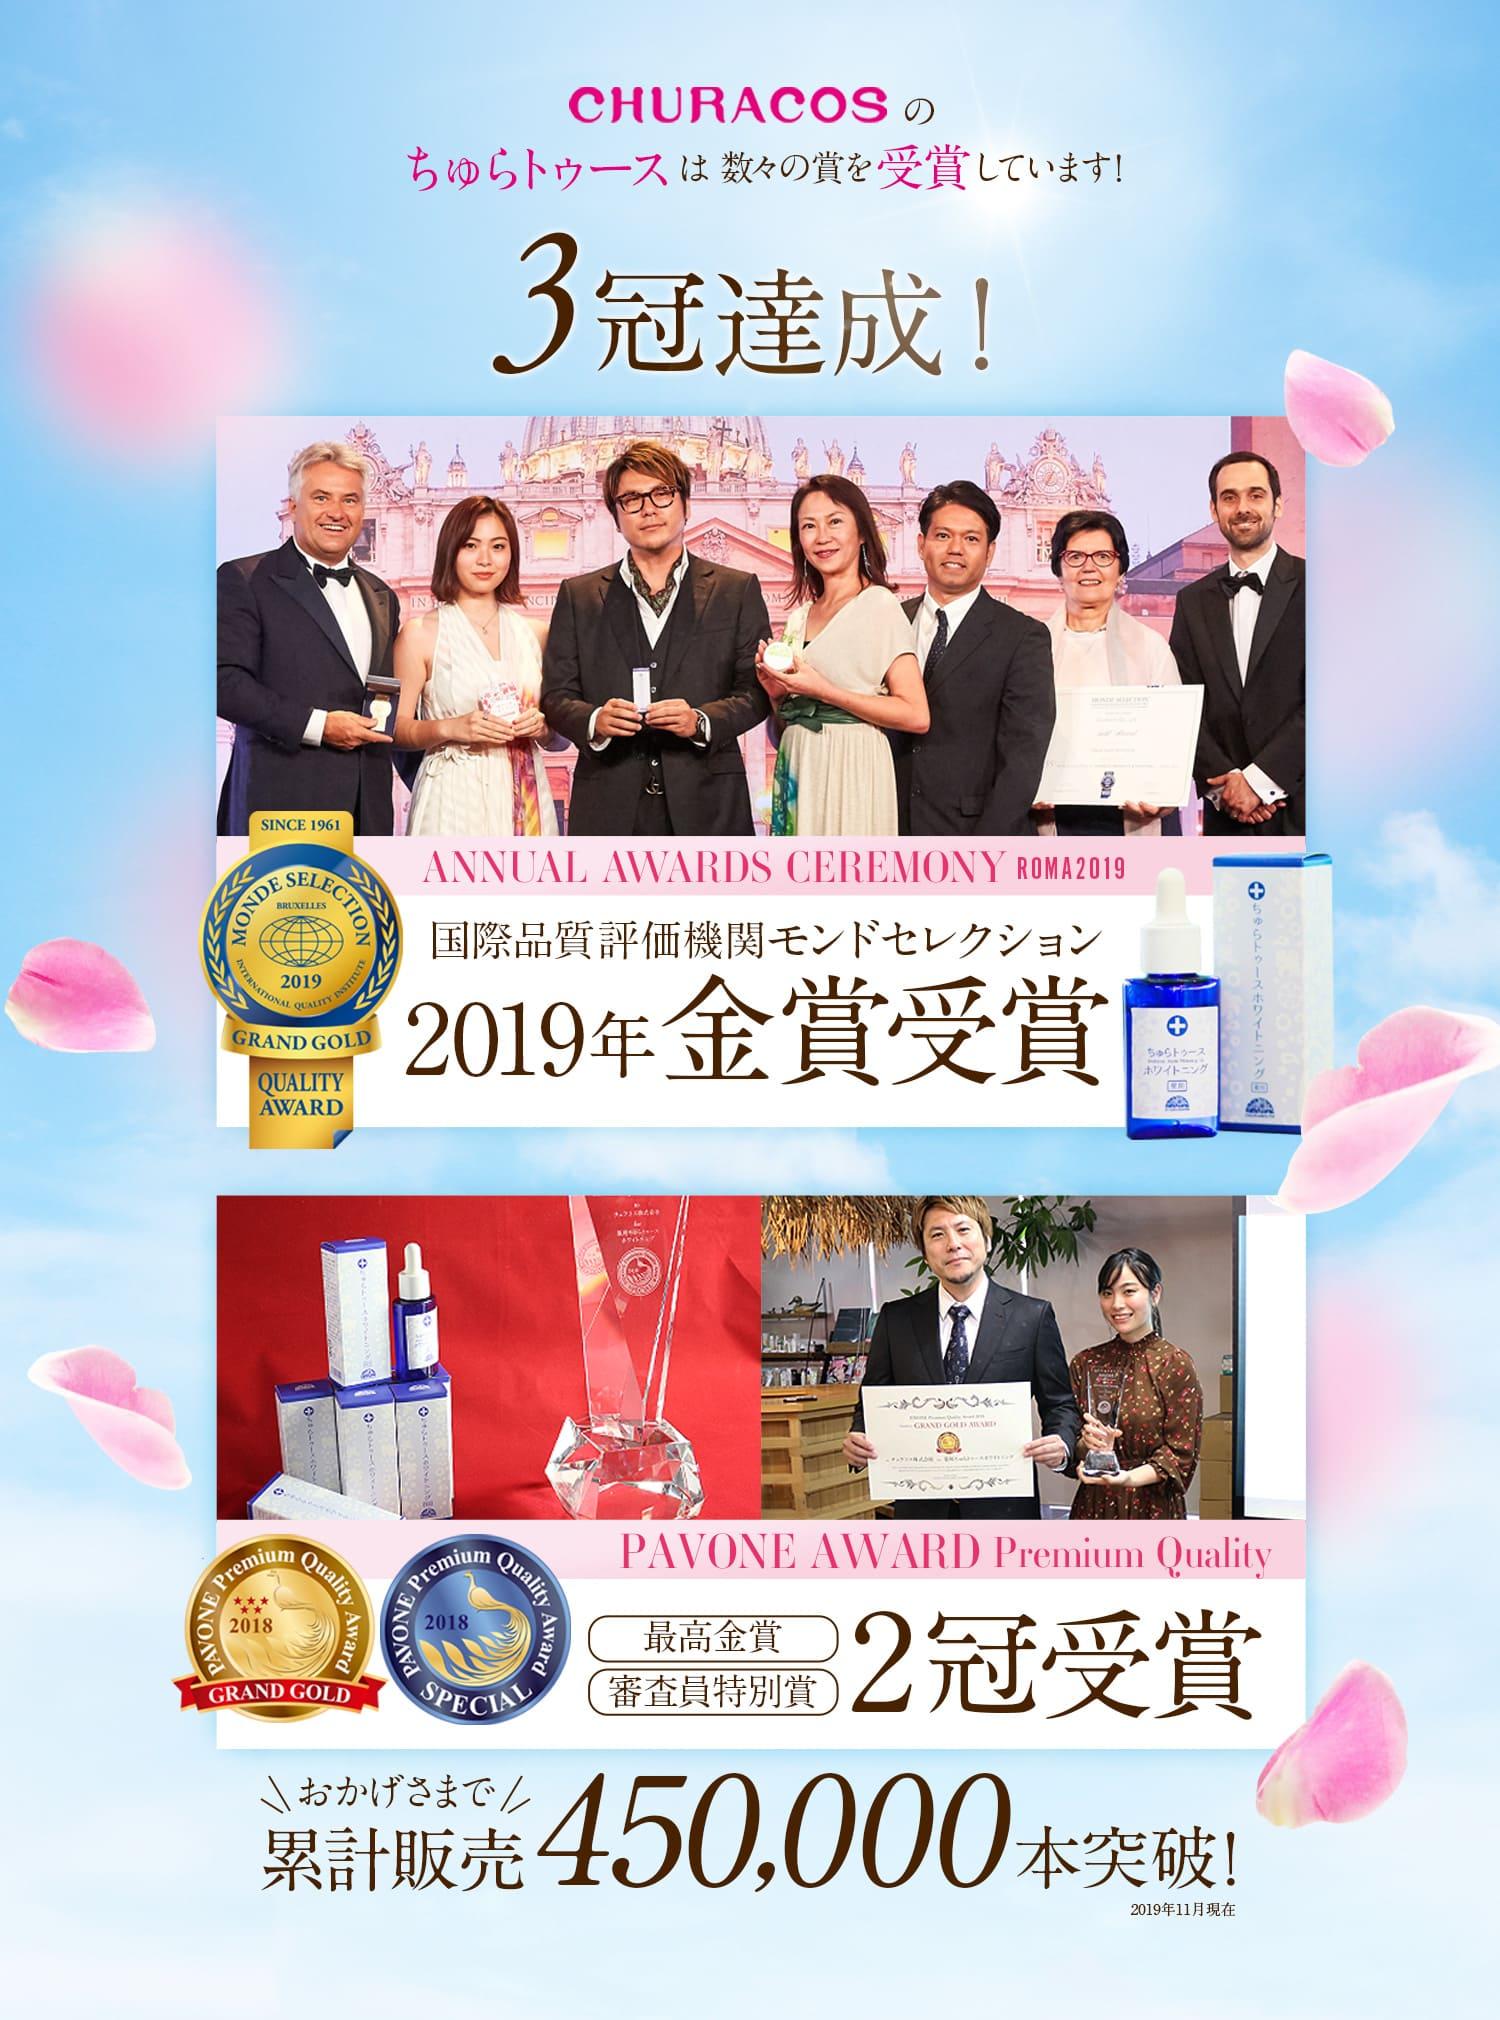 薬用ちゅらトゥースホワイトニングは数々の賞を受賞しています